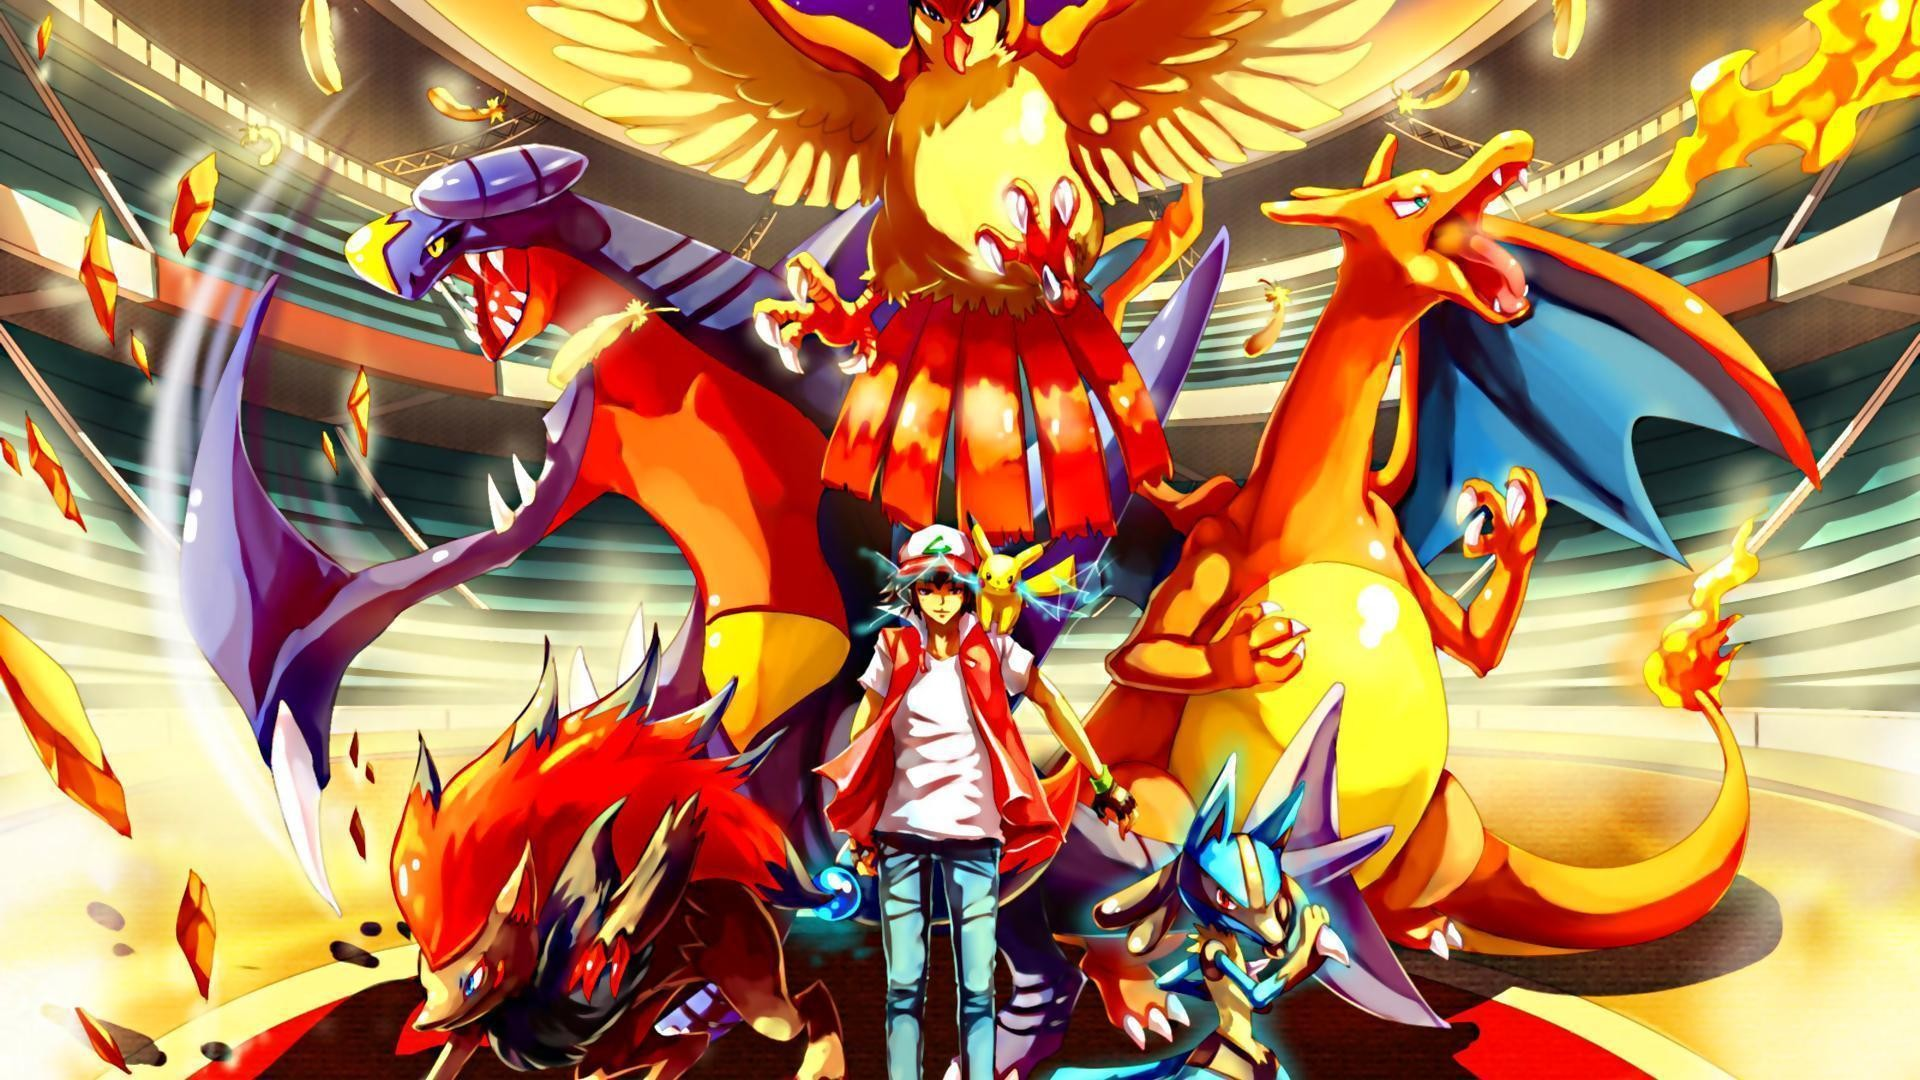 Wallpapers For > Red Vs Blue Wallpaper Pokemon